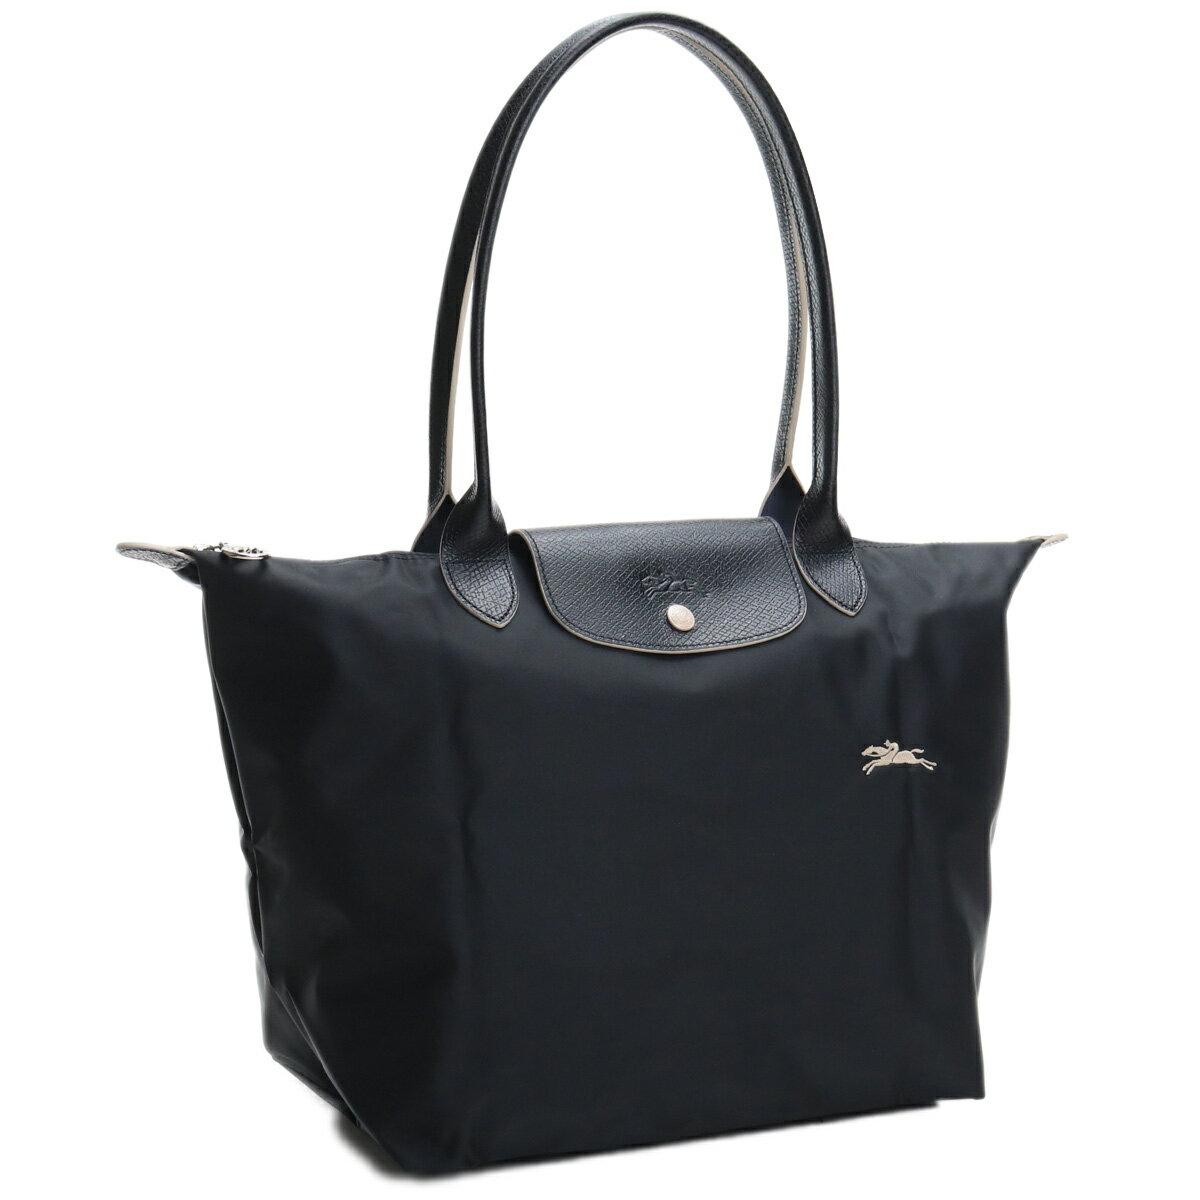 日本Yahoo代標|日本代購|日本批發-ibuy99|包包、服飾|包|女士包|手提袋|ロンシャン LONGCHAMP PLIAGE トートバッグ ル プリアージュ クラブ ショルダーバ…